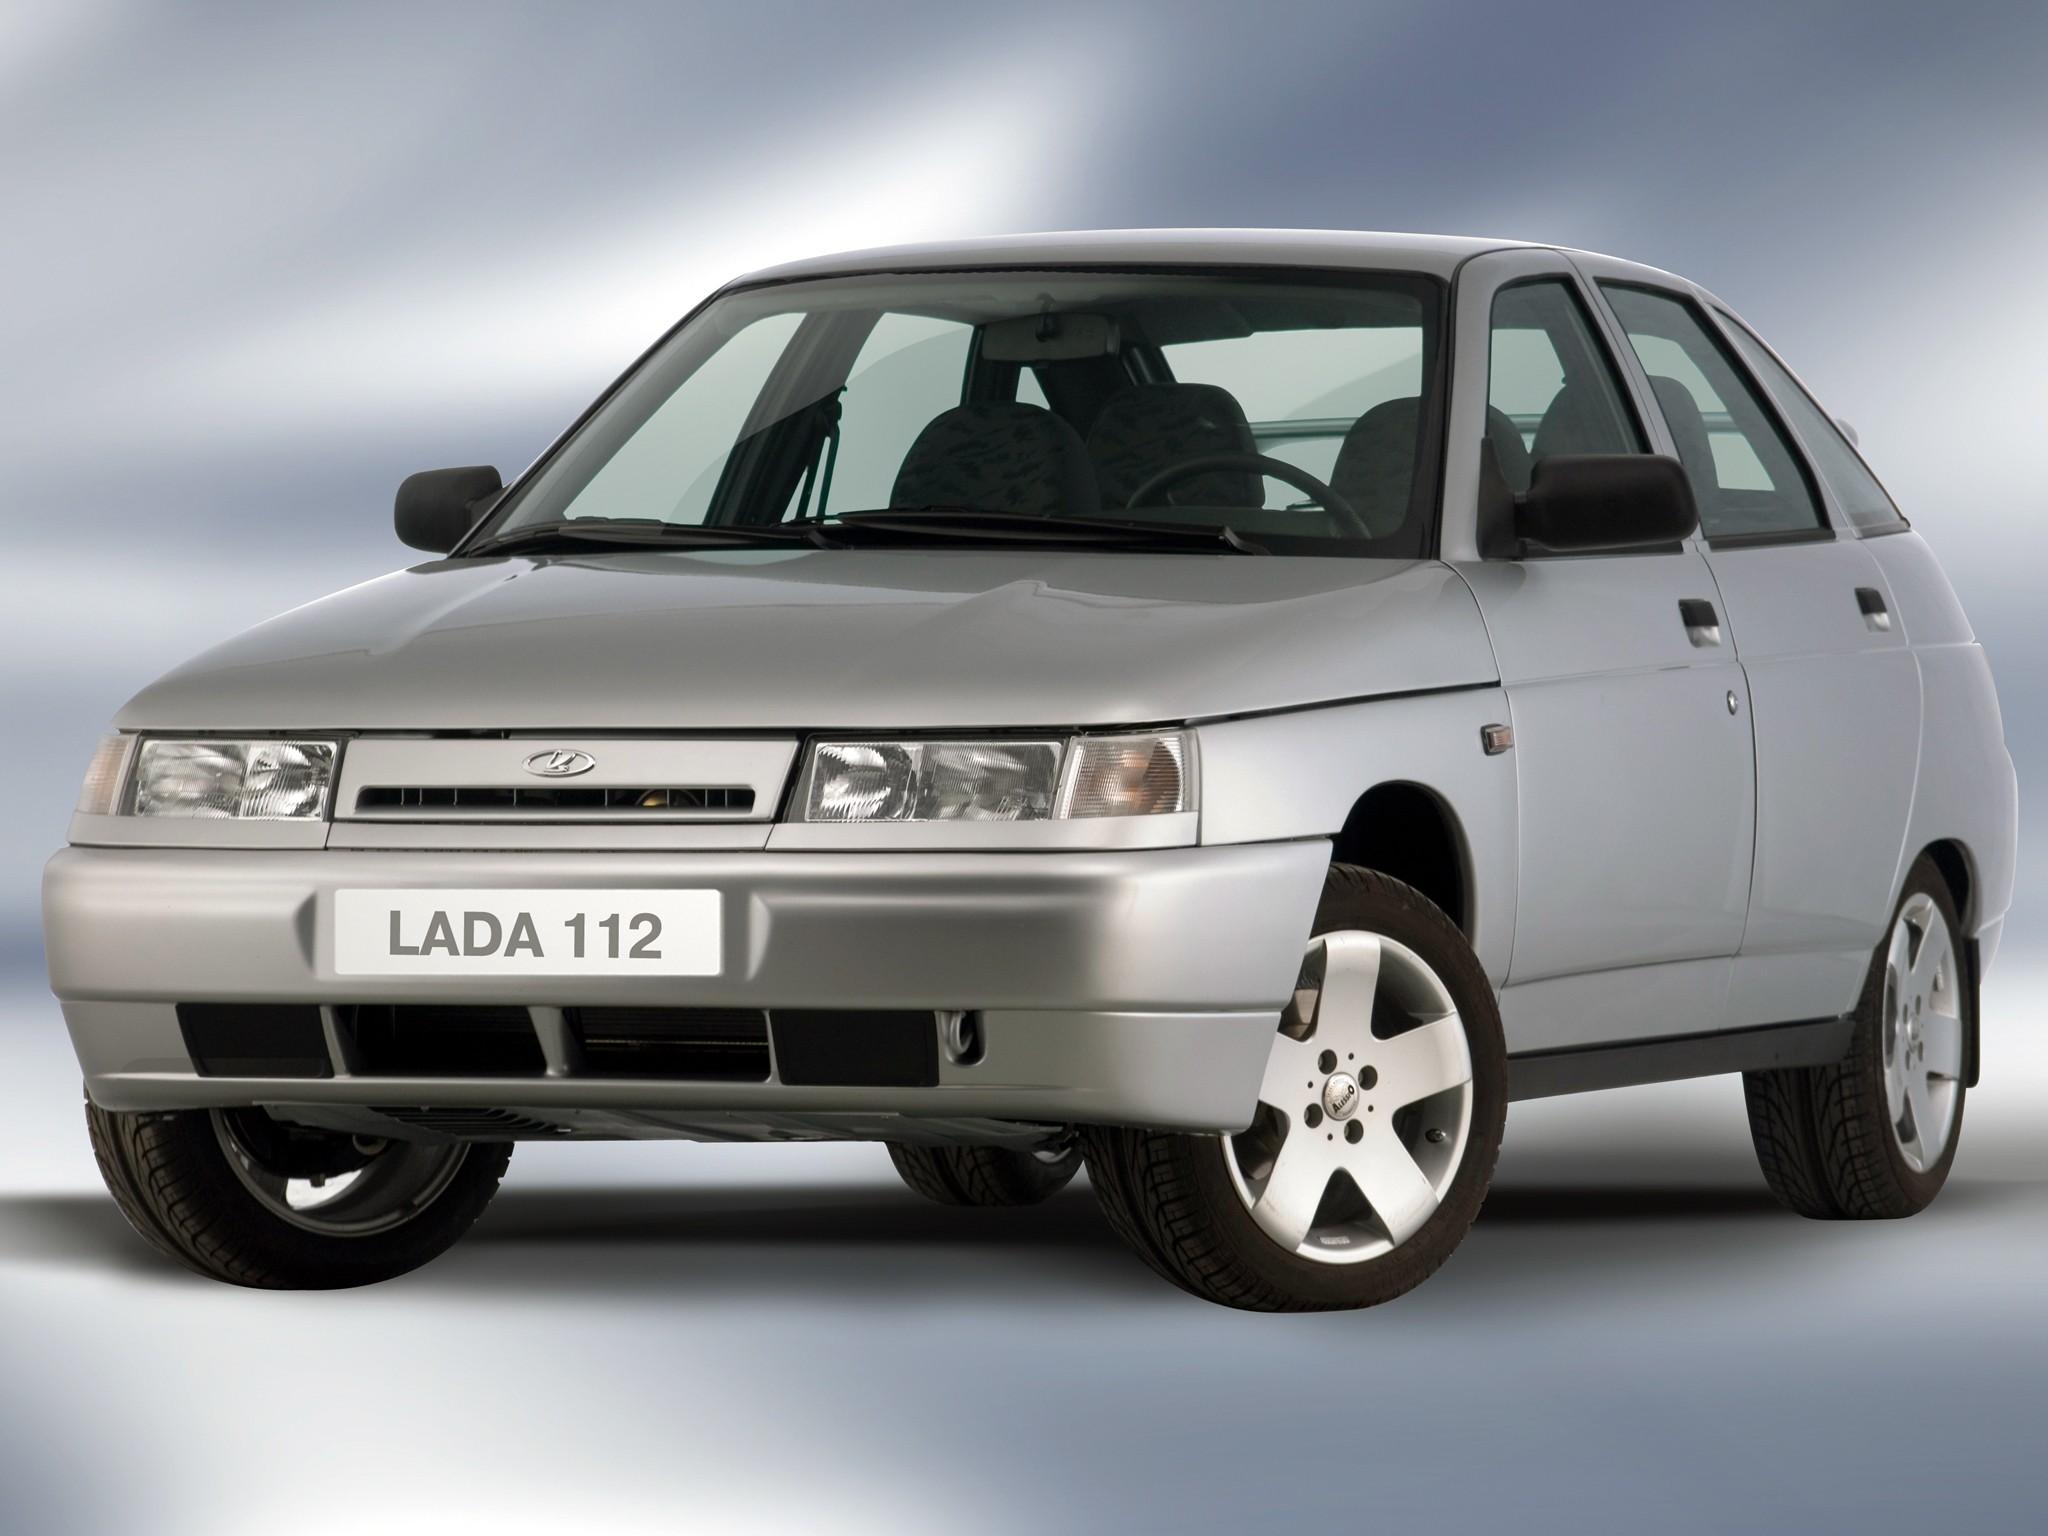 Lada 112 Specs 1999 2000 2001 2002 2003 2004 2005